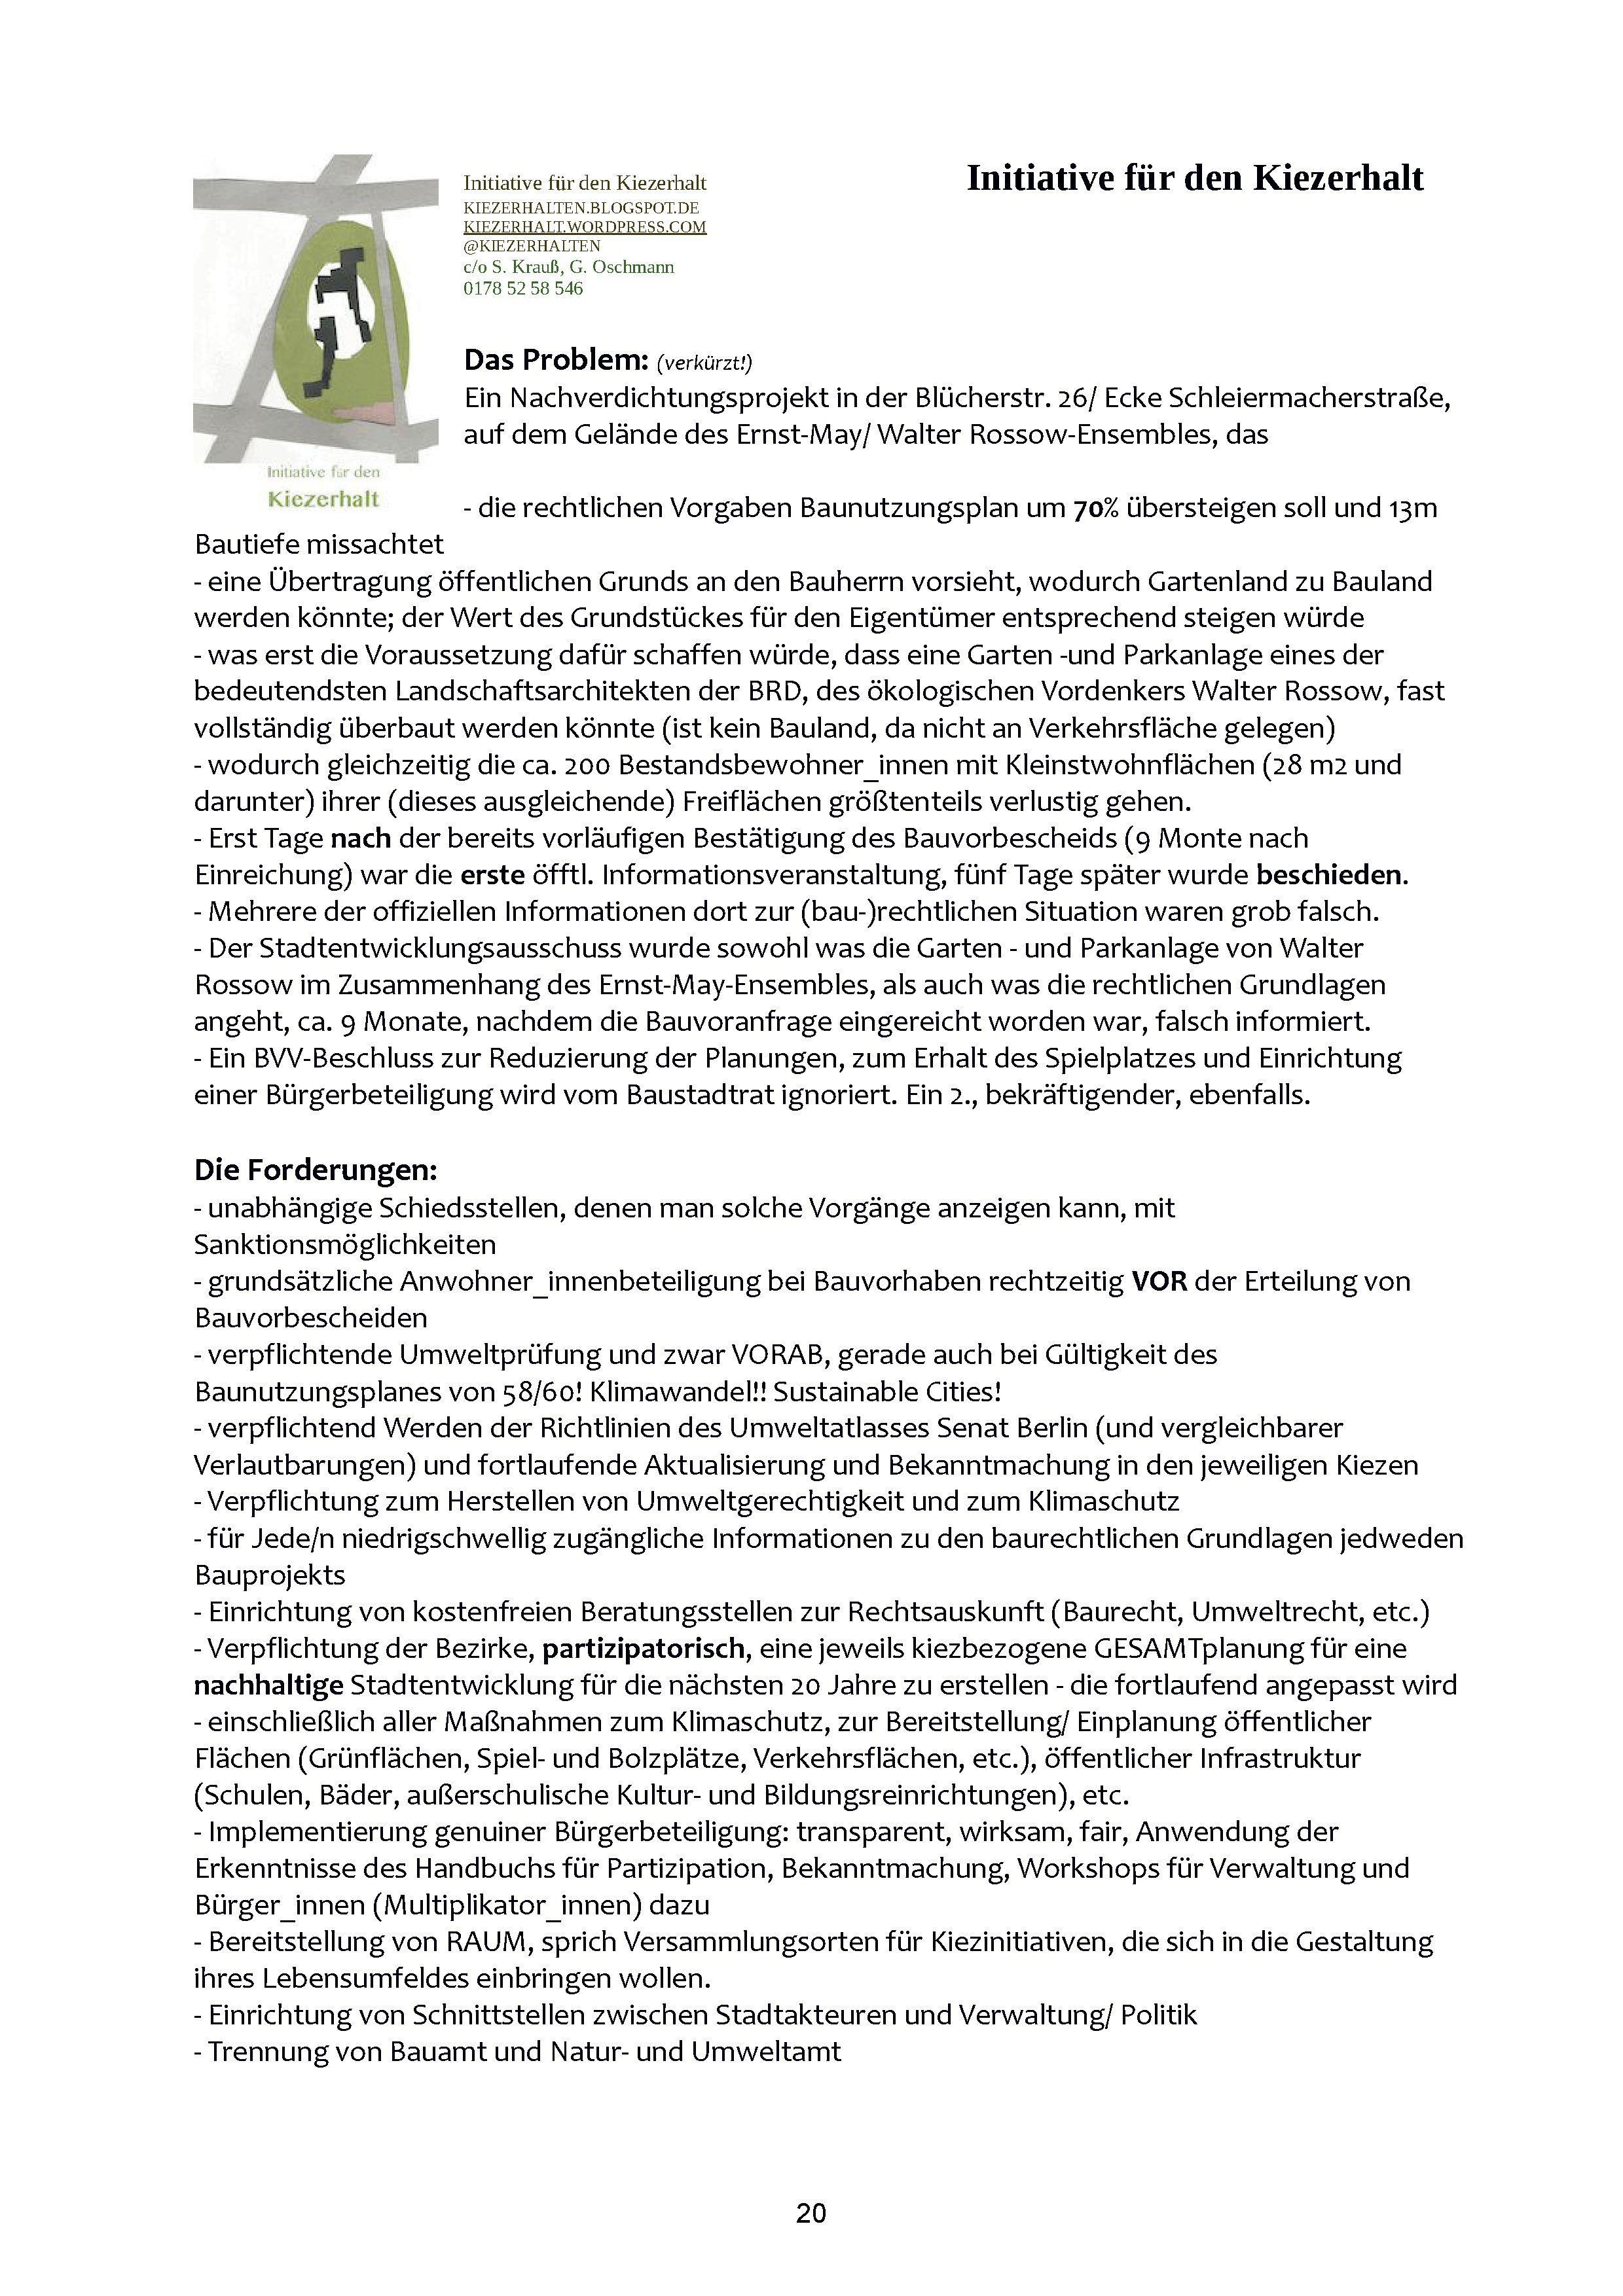 stadtpolitisches_hearing_021116_pressemappe1_seite_21_01